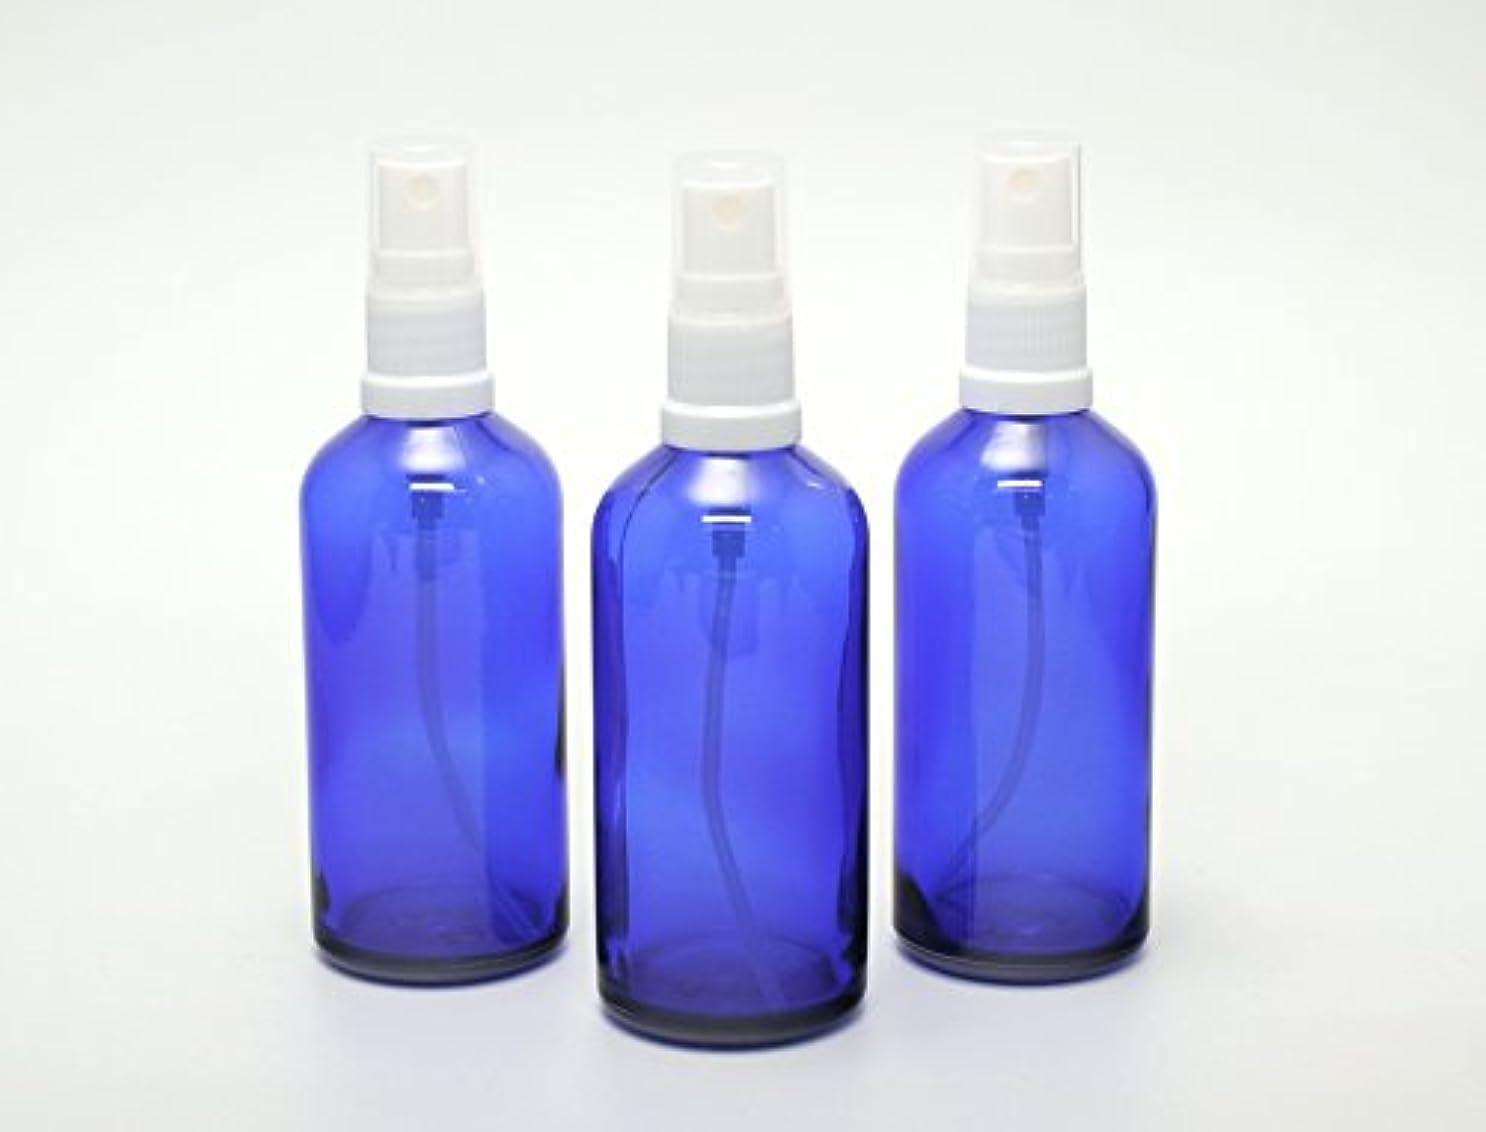 ストリーム粘土汚れる遮光瓶 スプレーボトル (グラス/アトマイザー) 100ml / ブルー? ホワイトヘッド 3本セット 【新品アウトレット商品 】